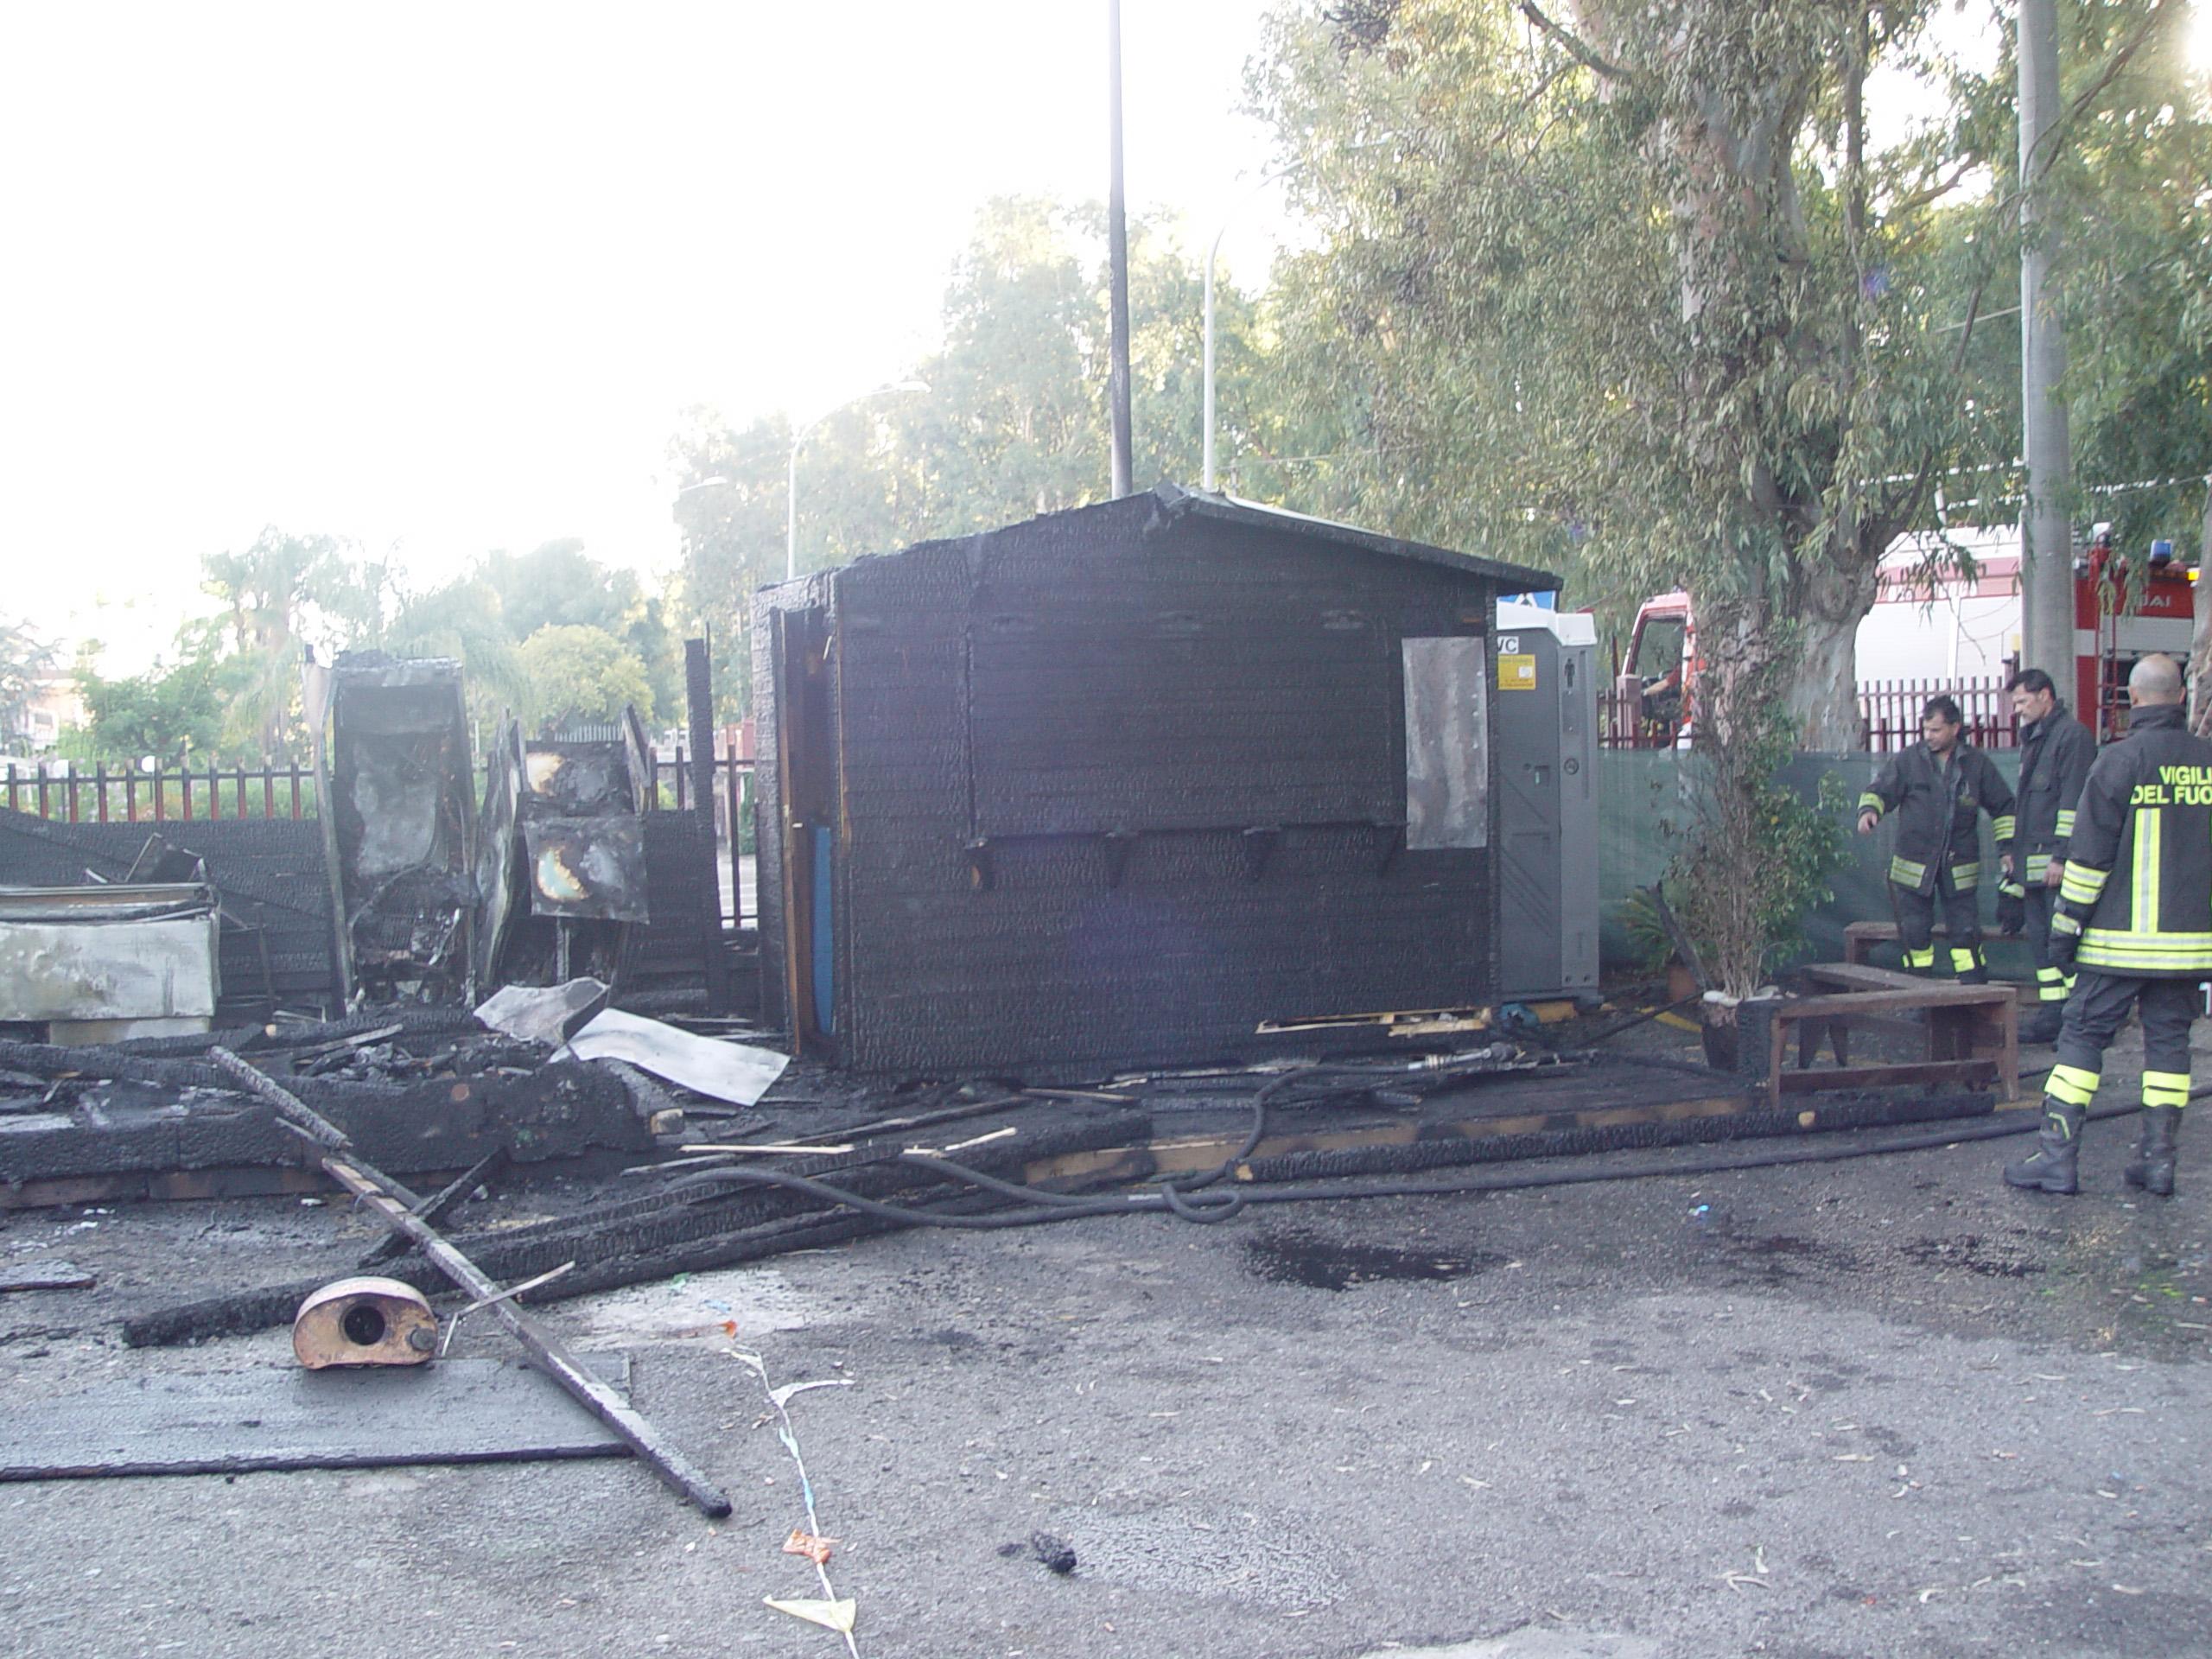 Incendio nella notte a Priolo, bruciato un chiosco-panineria